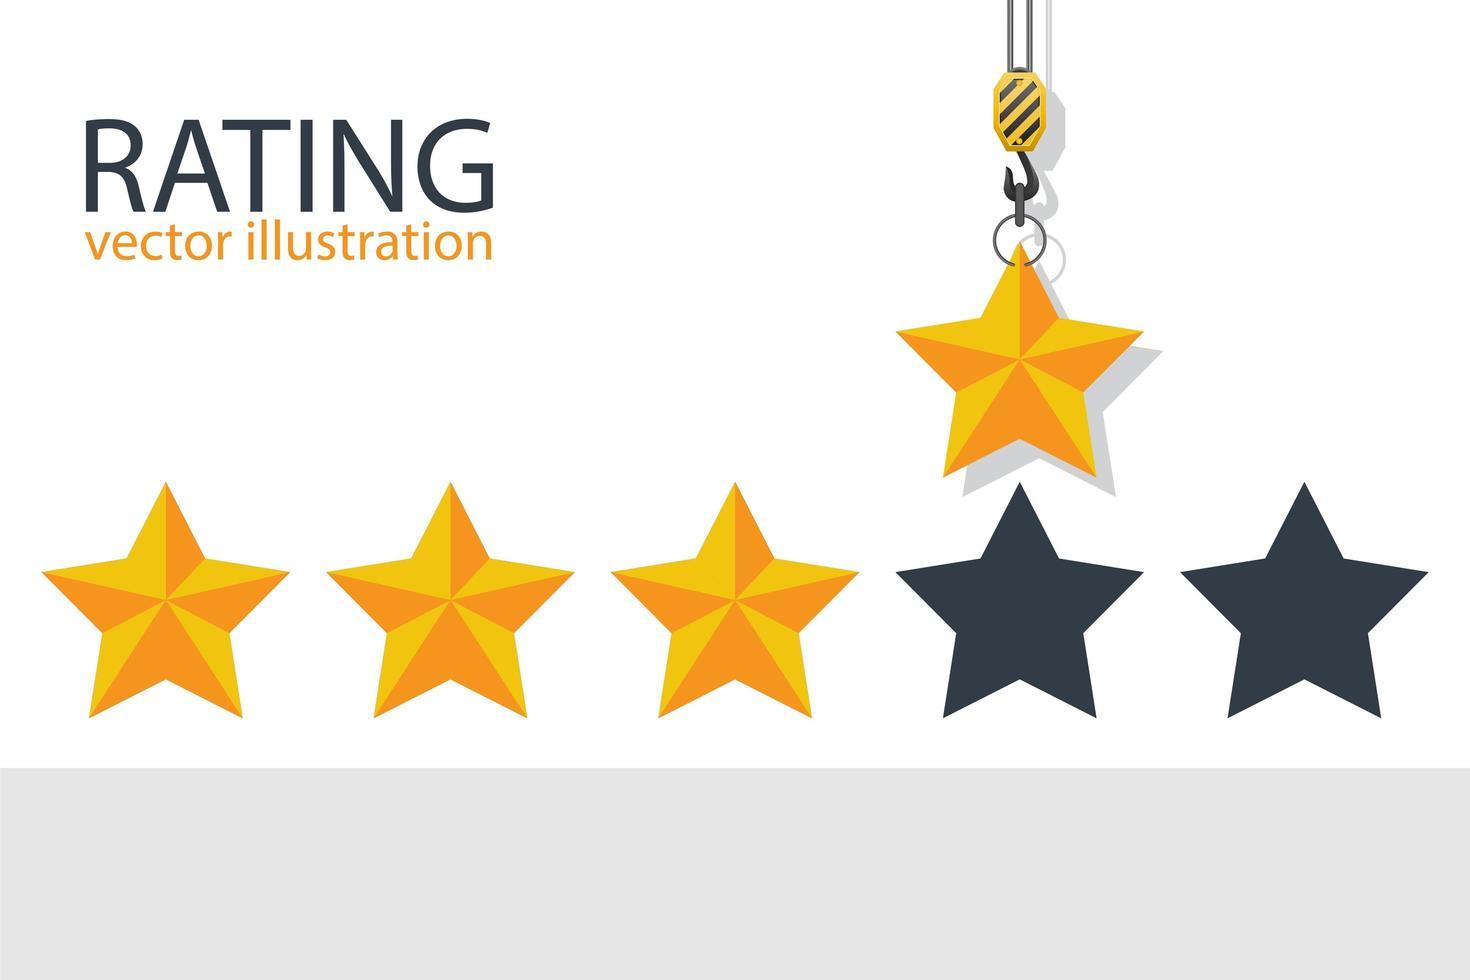 classificação do gancho do guindaste 4 estrelas vetor